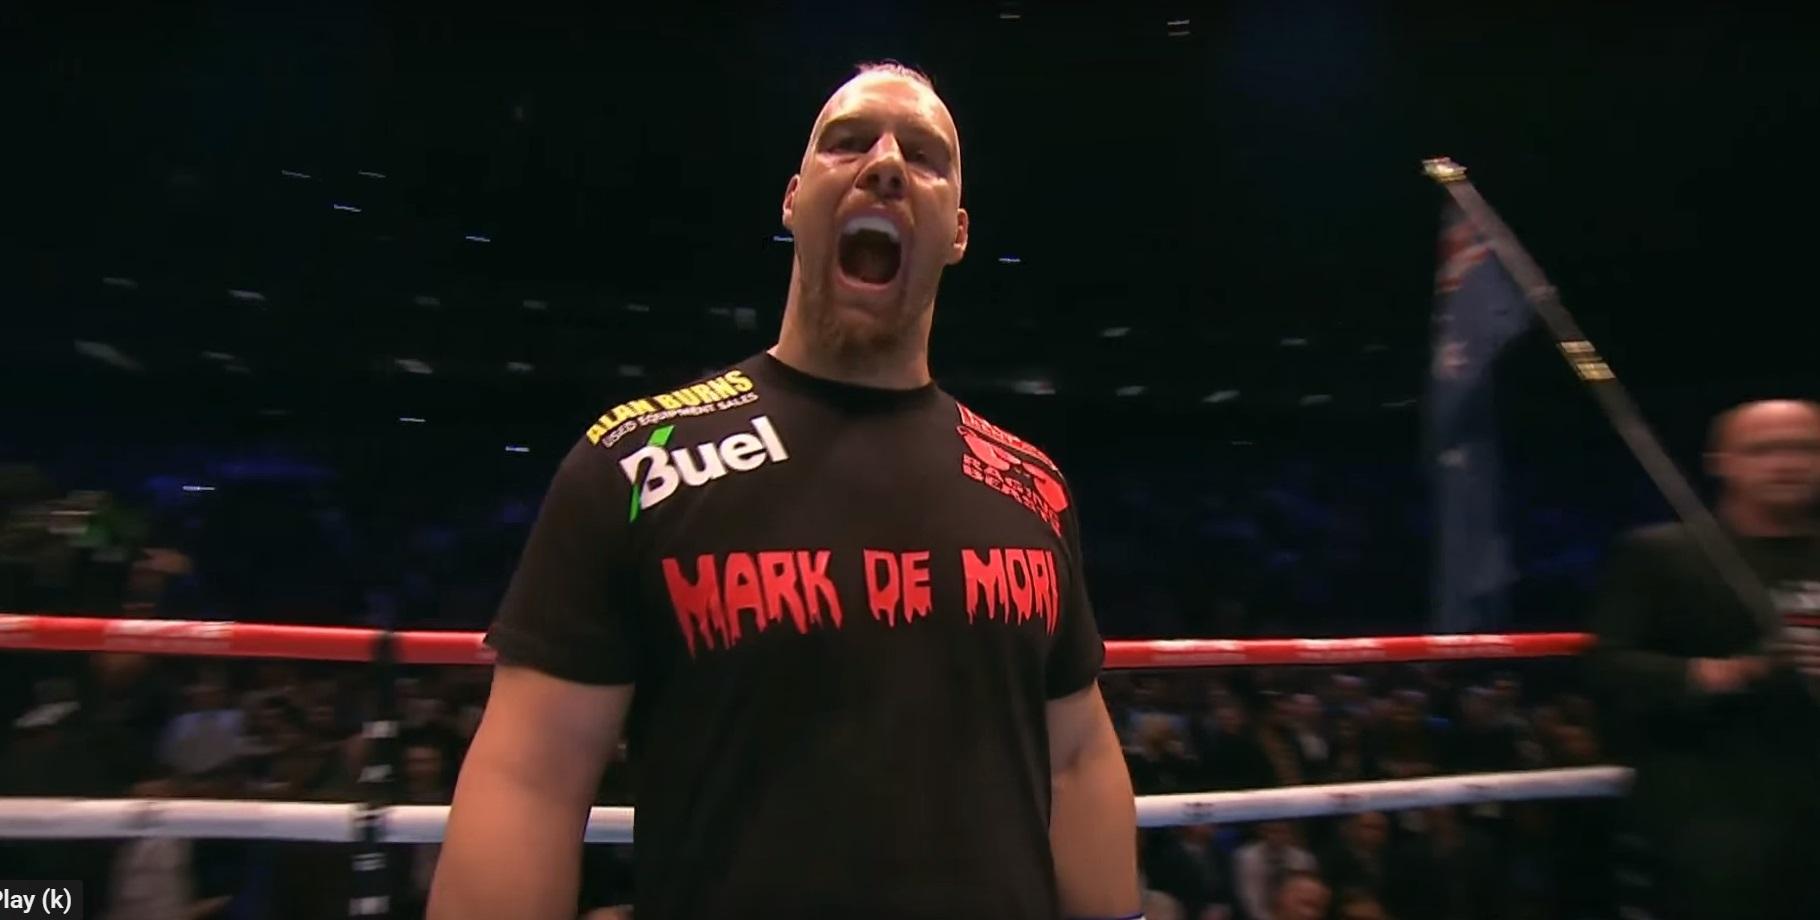 Mark de Mori